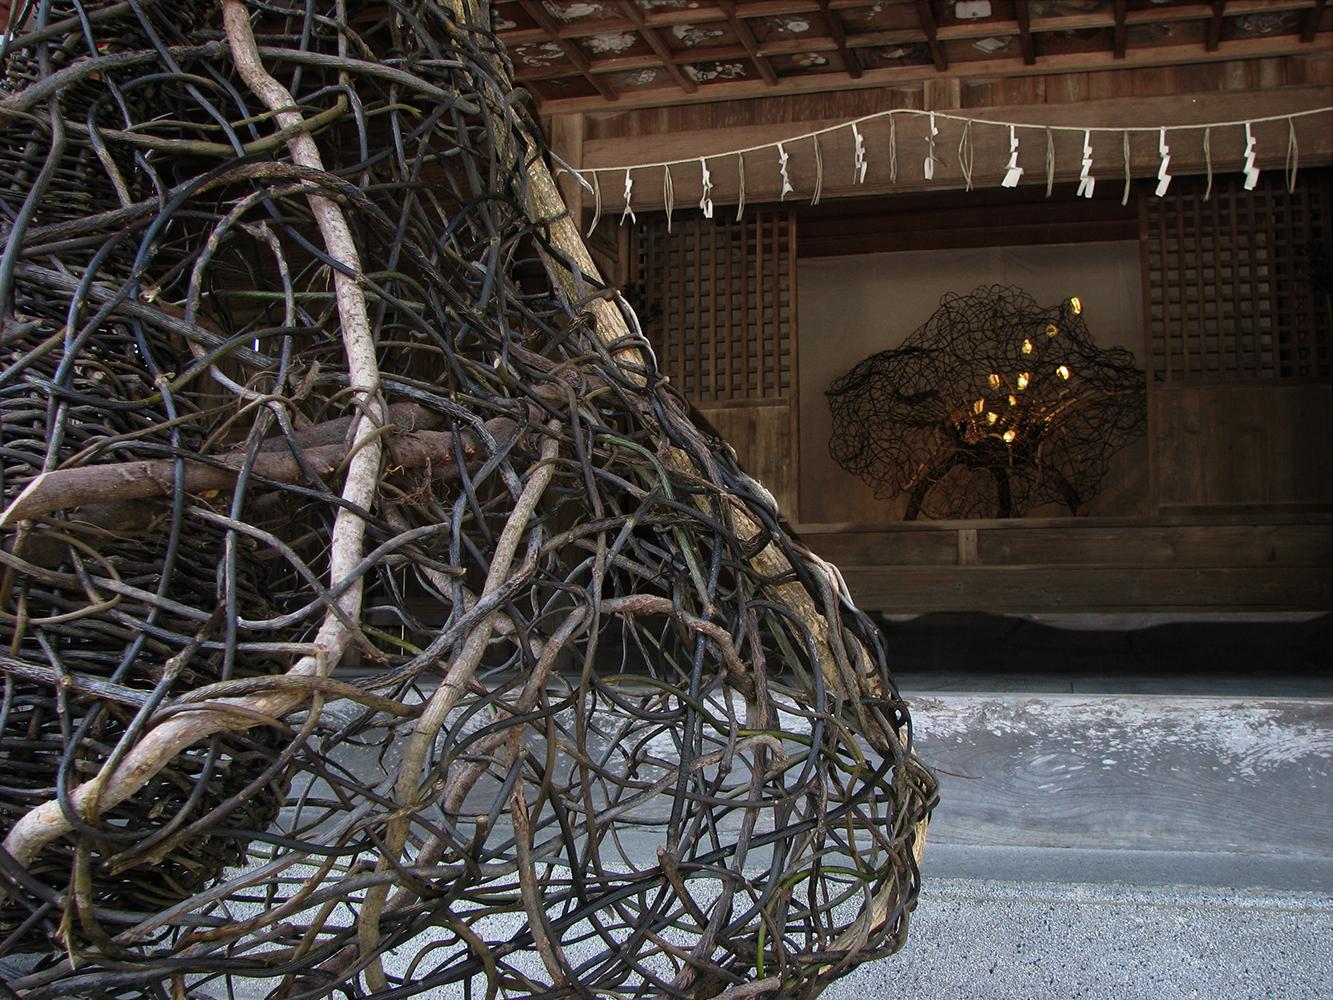 kair-shrine-outside-inside